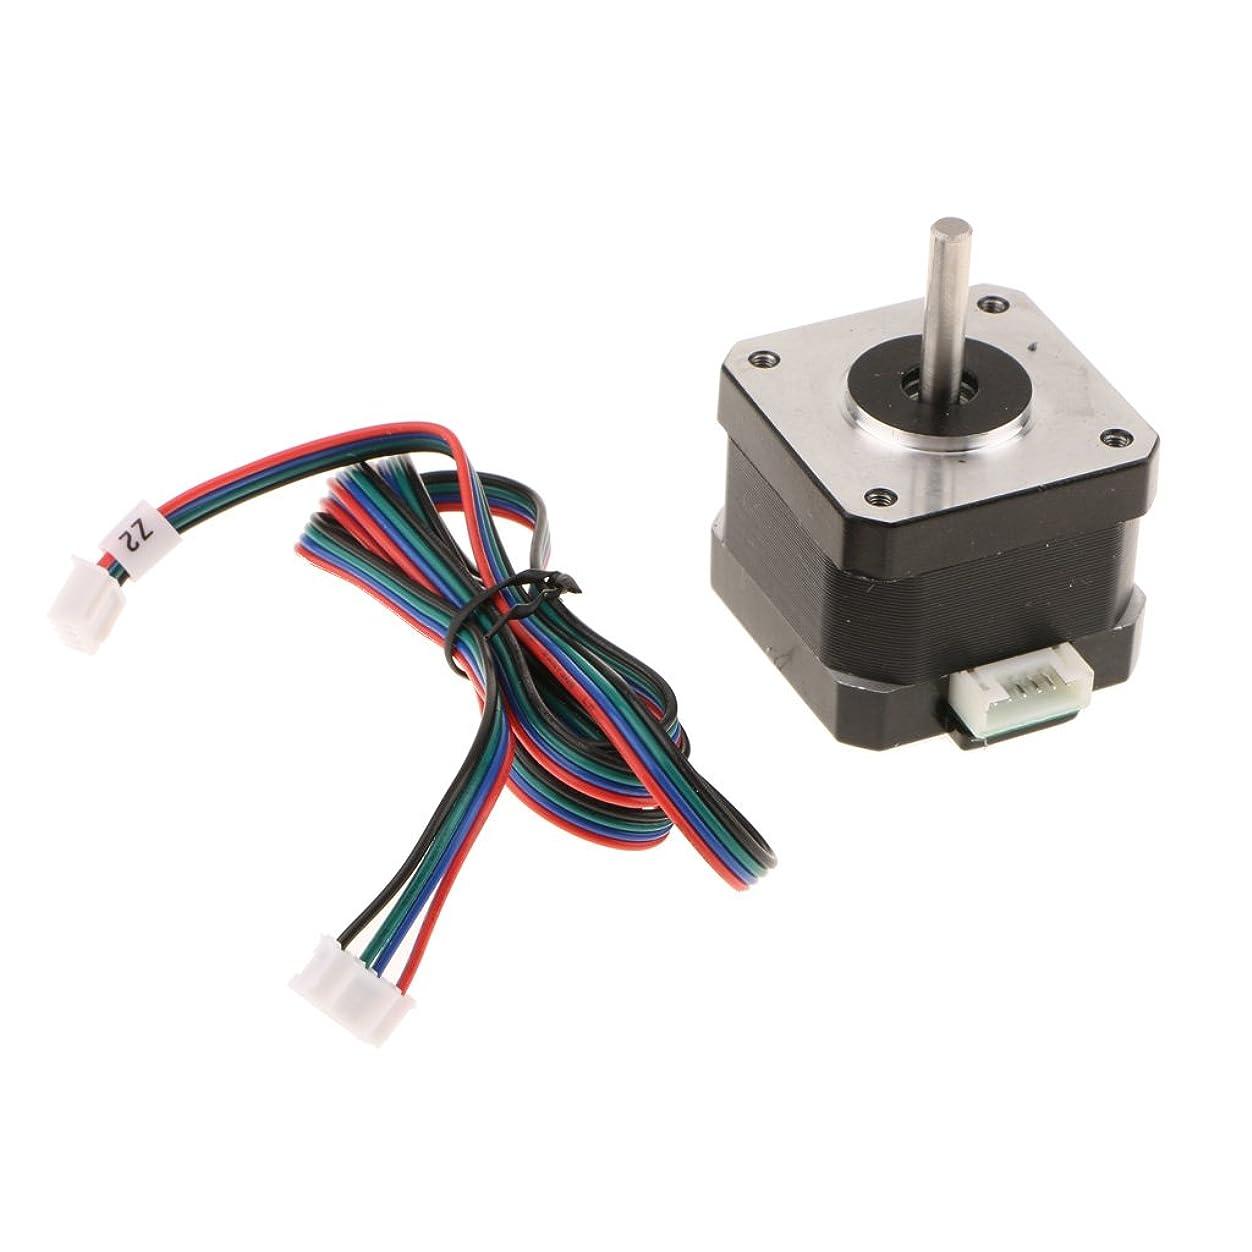 ボイコット必要条件ダースステッパーモーターNEMA 17 SL42STH34-1504A 40mm 1.8A 4本リード 3Dプリンター対応 3Dプリンタステッパ